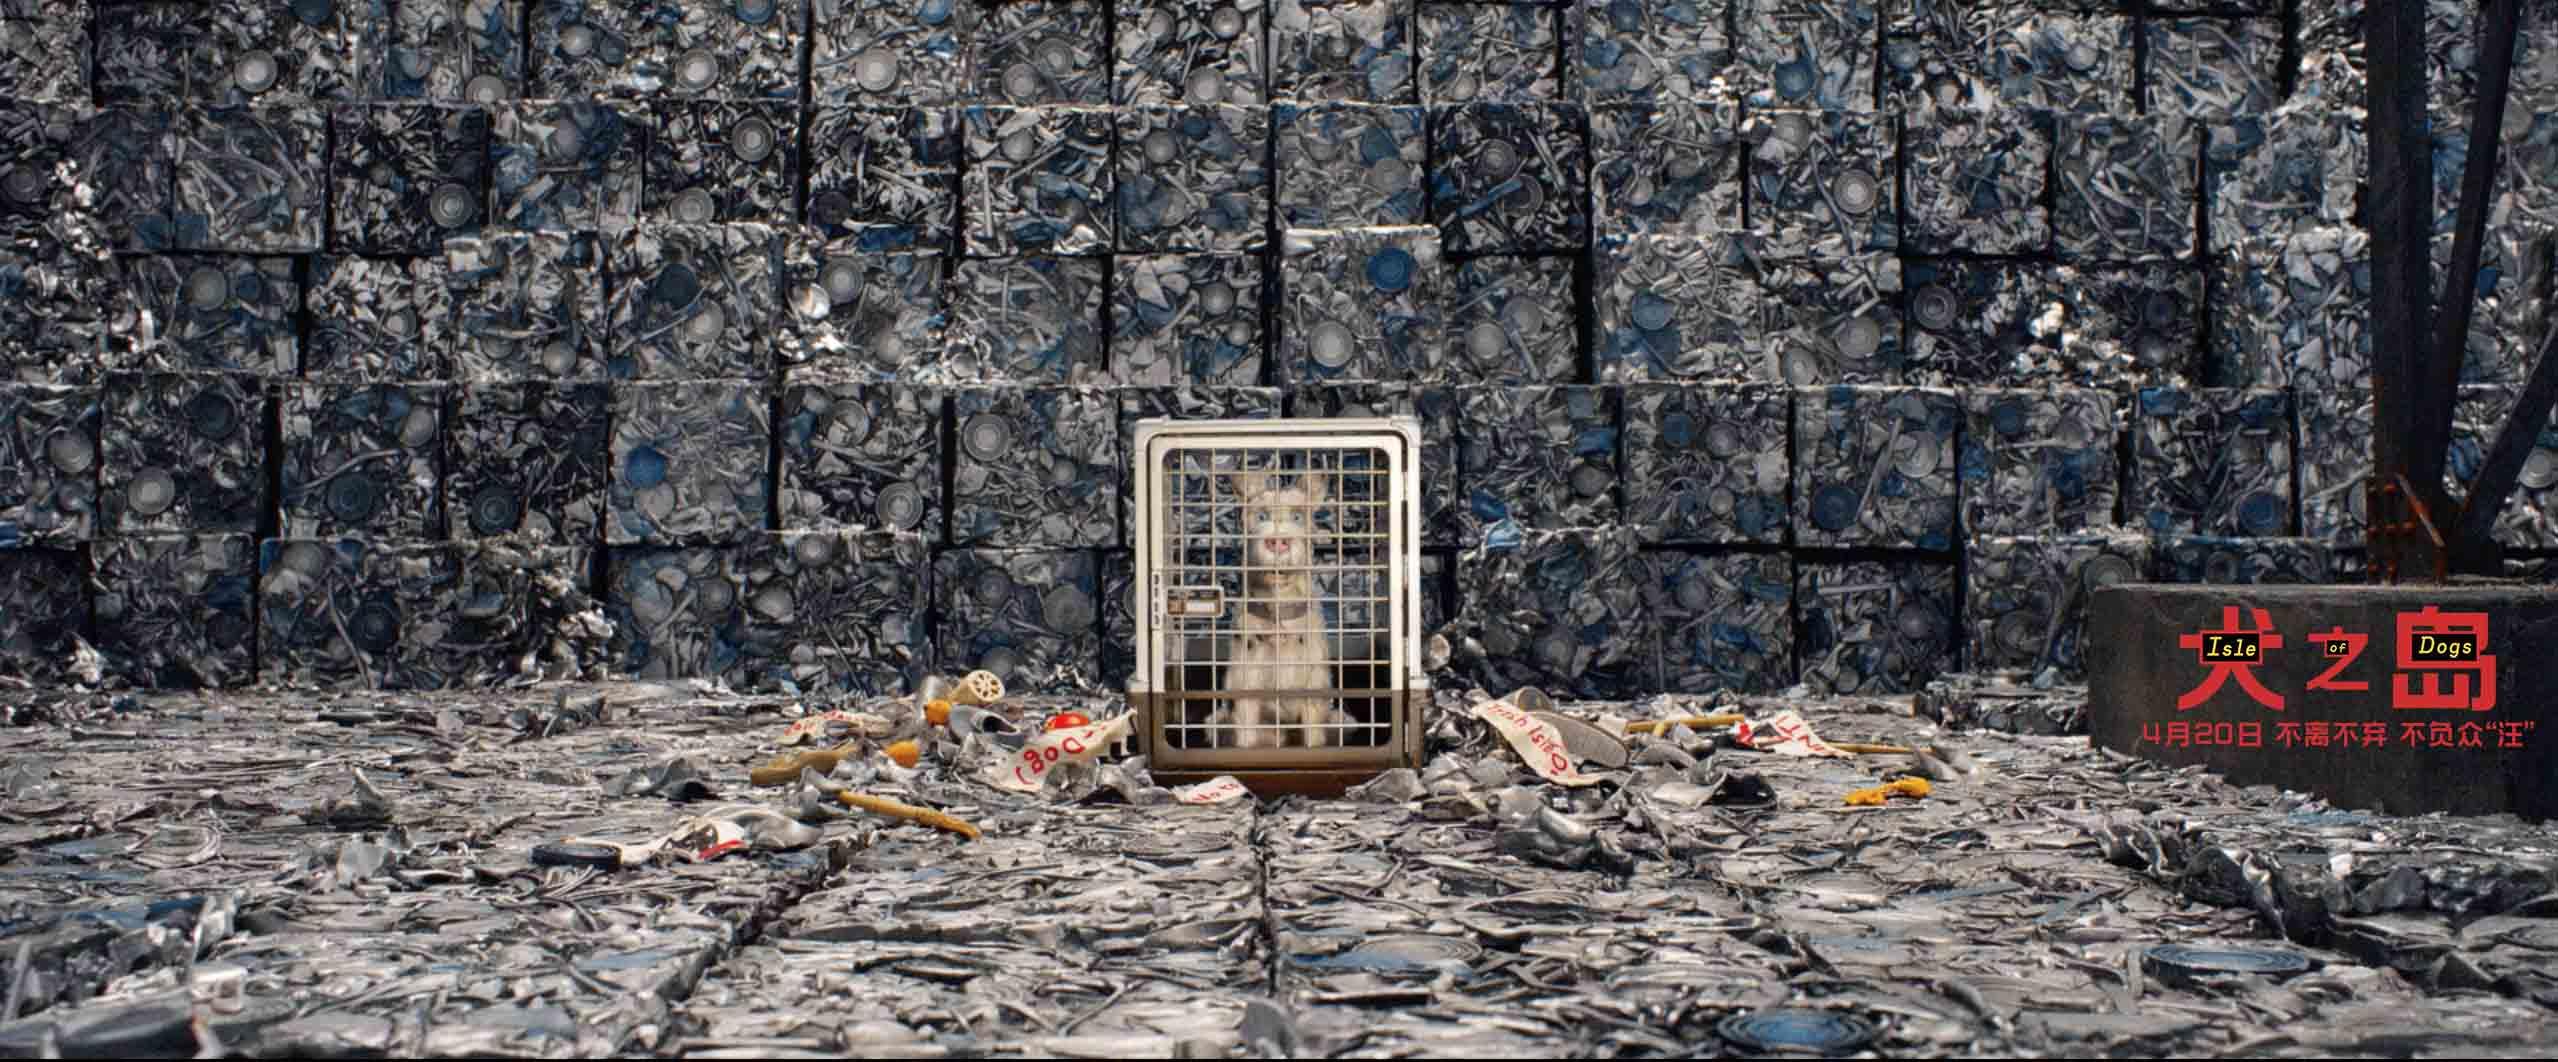 由韦斯·安德森导演执导的动画电影《犬之岛》即将于4月20日登陆全国院线。今天,《犬之岛》发布《不负众汪》MV,由获得《中国新歌声》总冠军的青年歌手蒋敦豪倾情演唱。